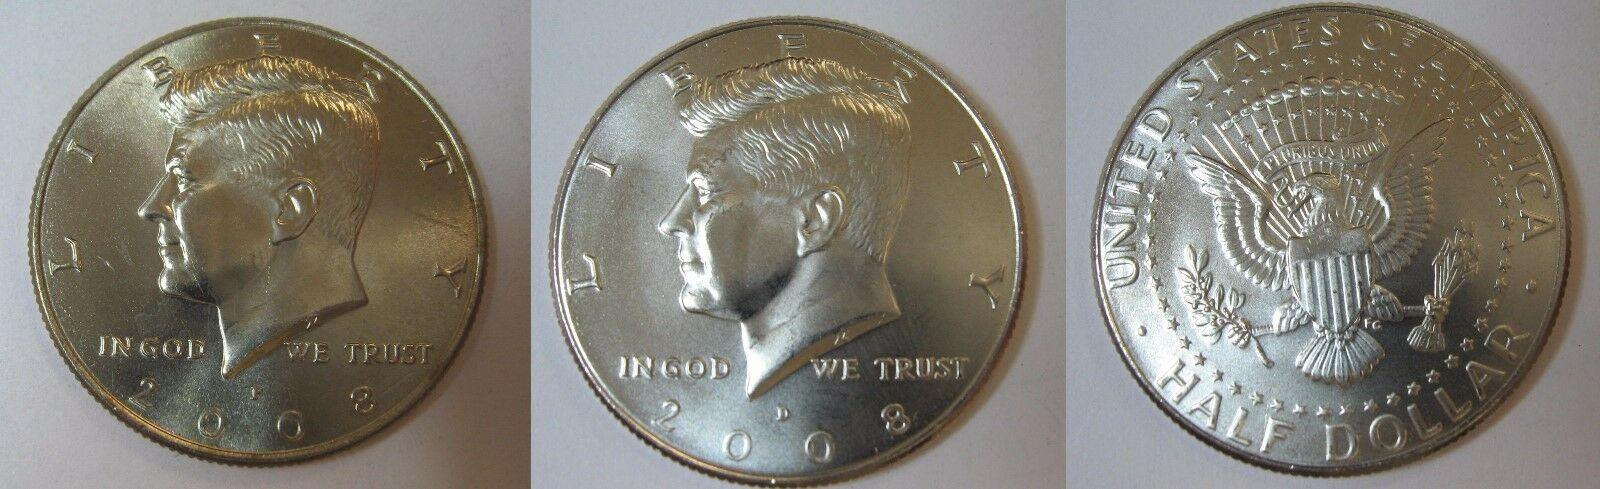 2008 P & D BU Kennedy Half Dollar from BU Mint Roll FREE Ship CP2436